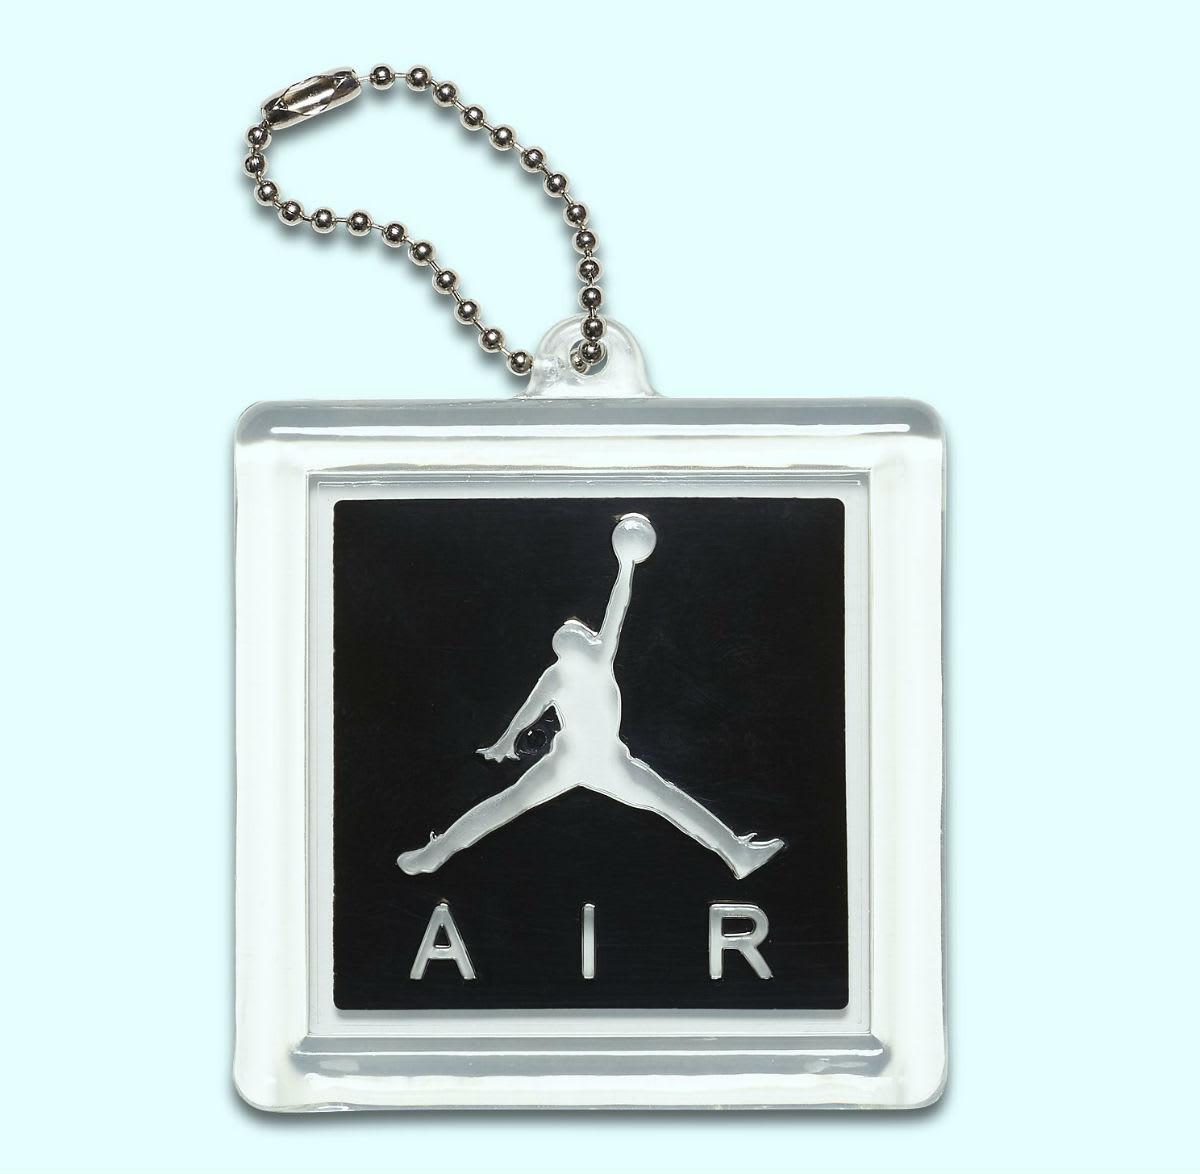 Air Jordan 3 Flyknit Black Release Date AQ1005-001 Hang Tag